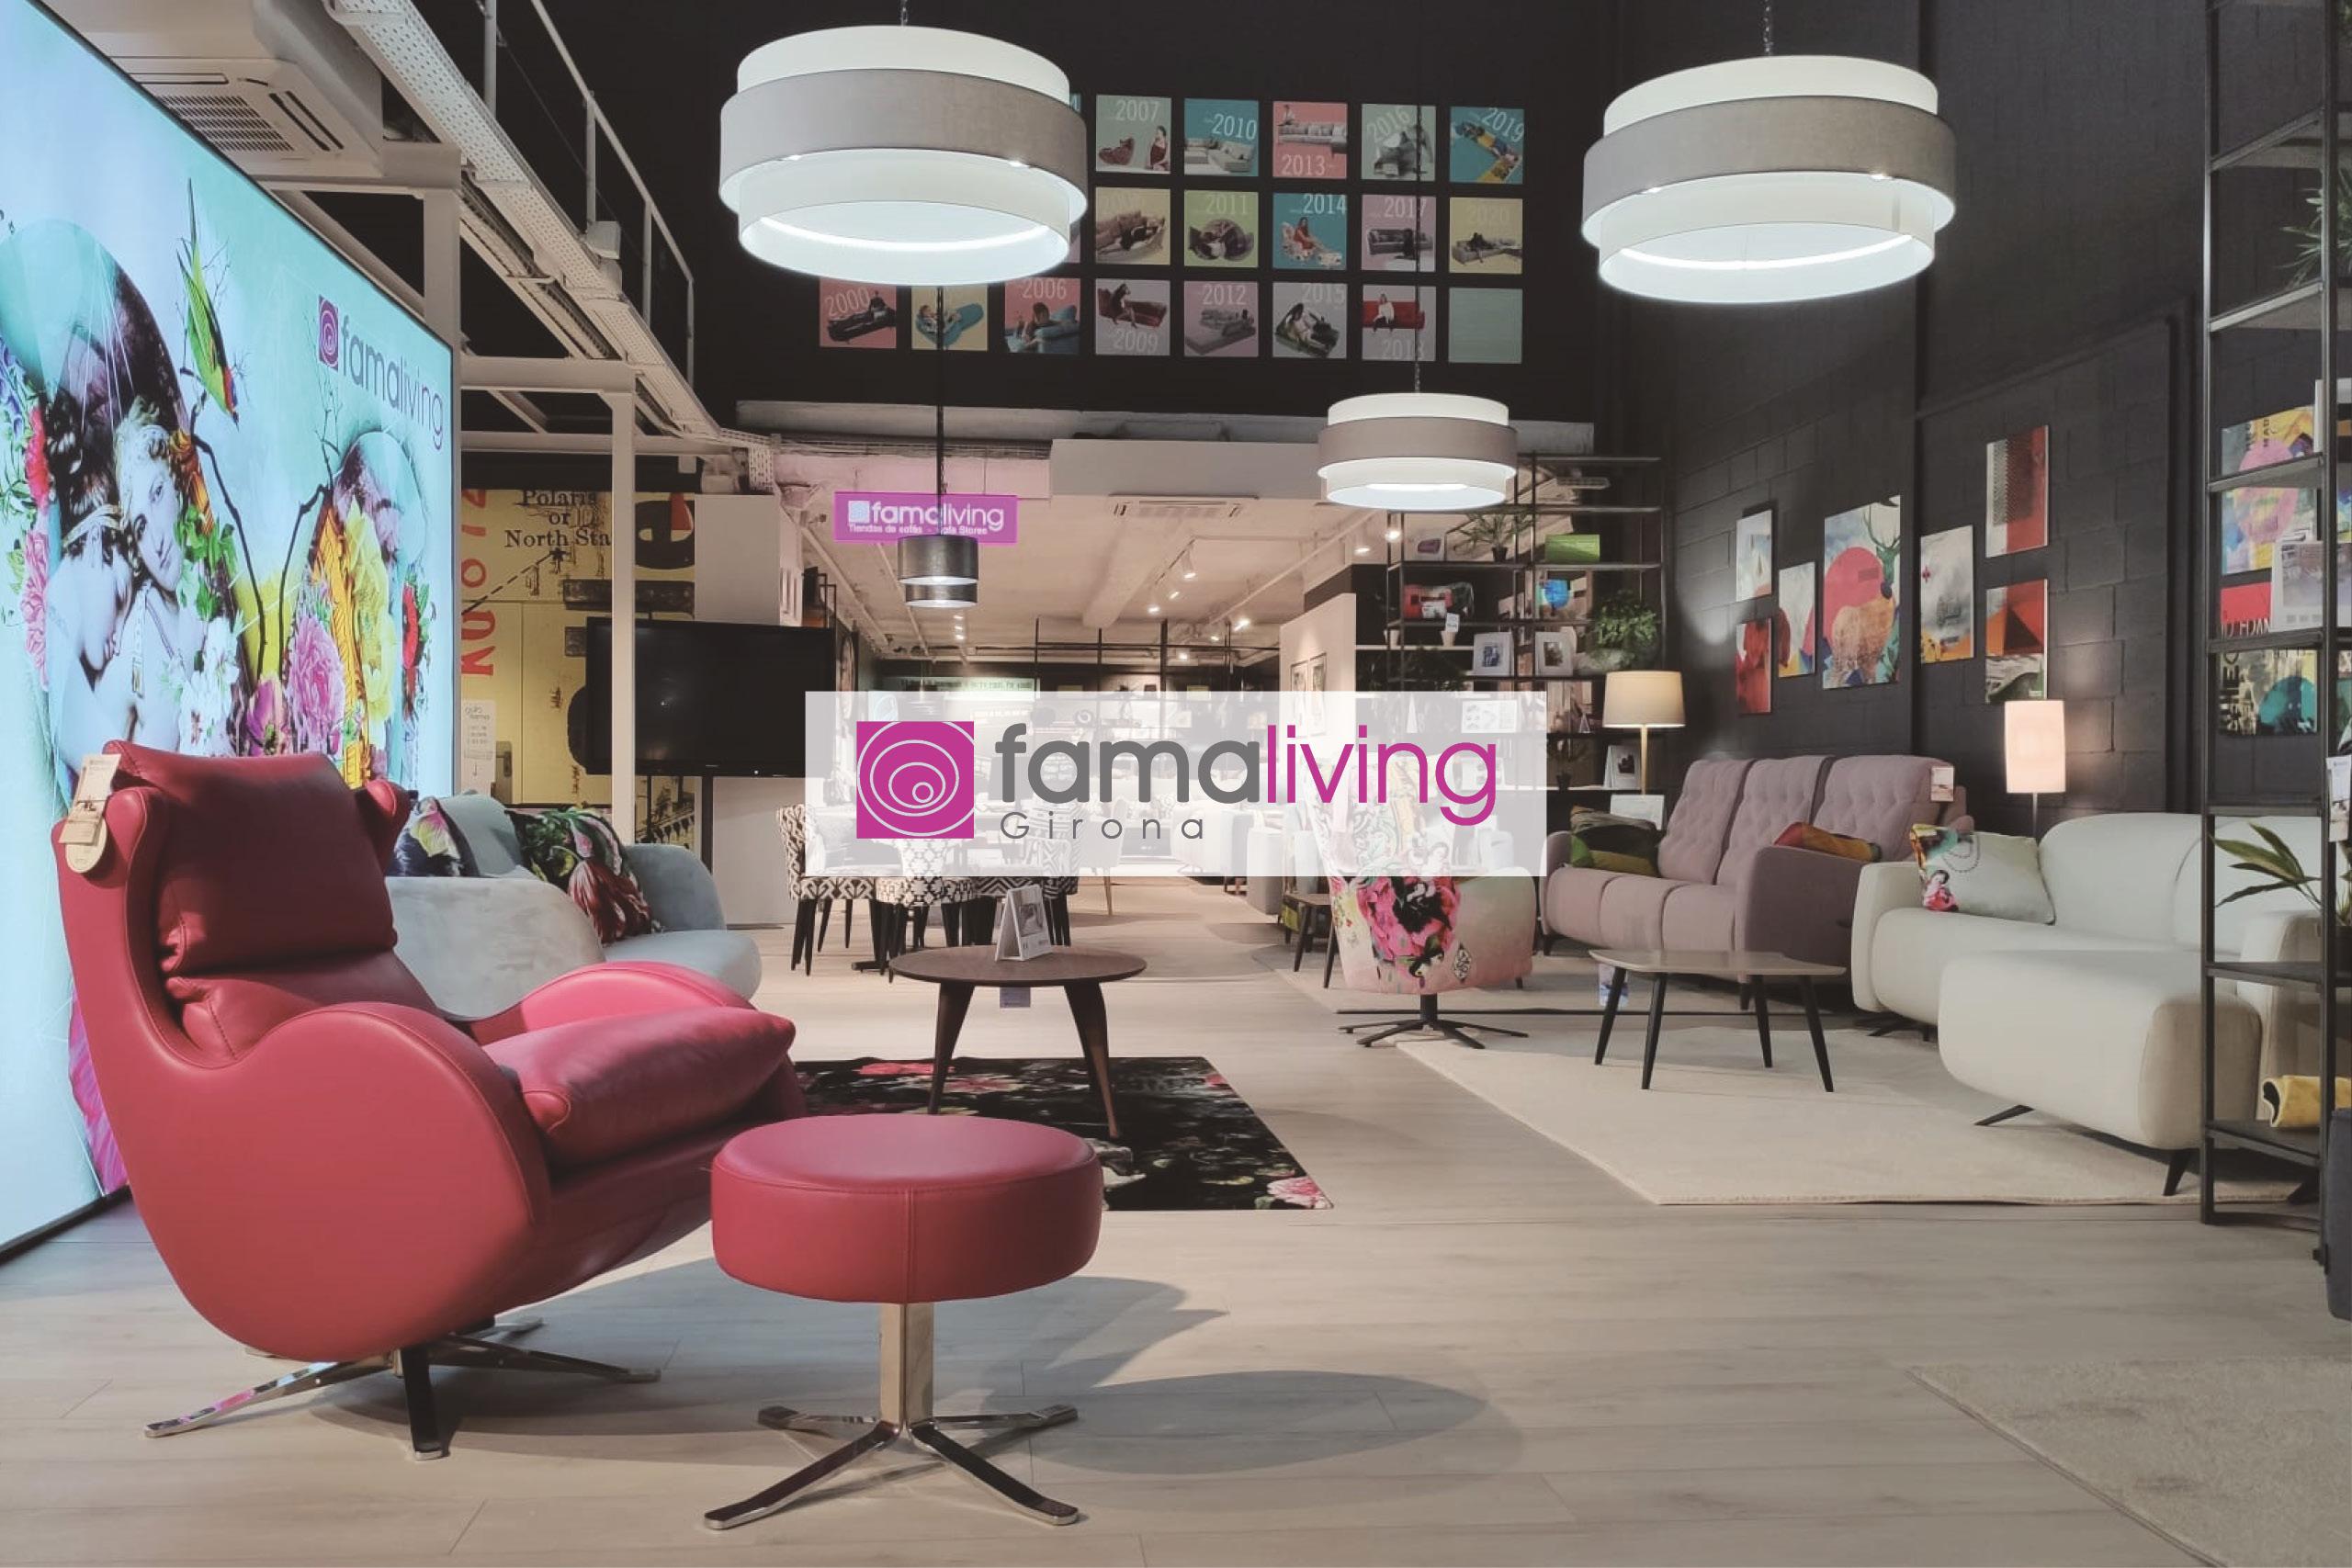 <p>Famaliving Girona | Tienda de Sofás<br></p>